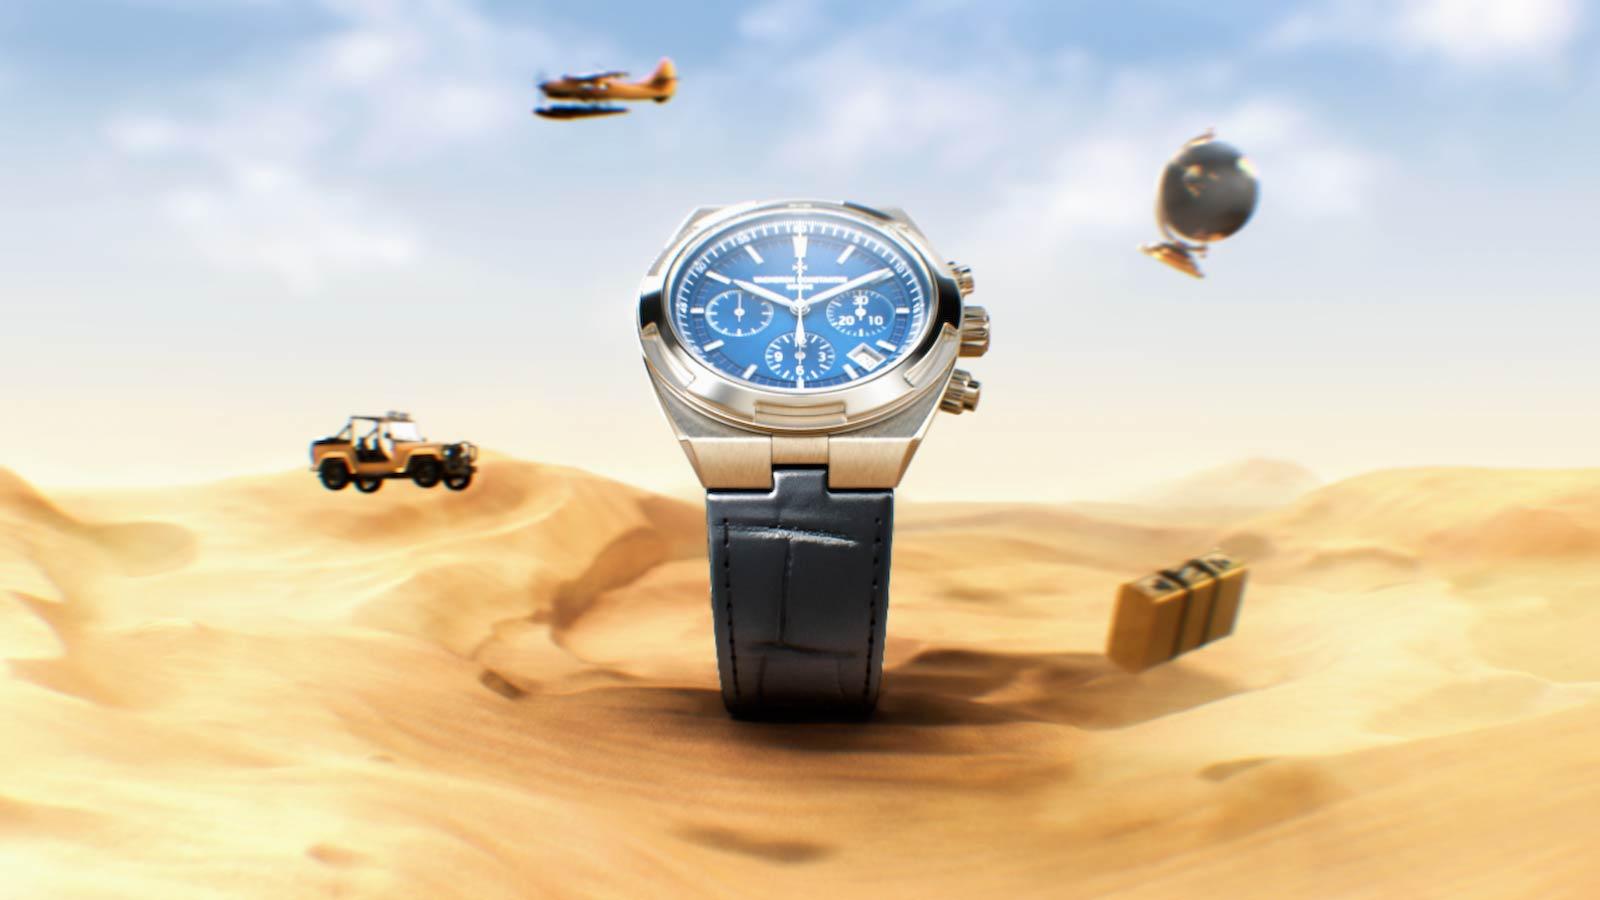 3D render of the Vacheron Overseas watch in a CGI desert